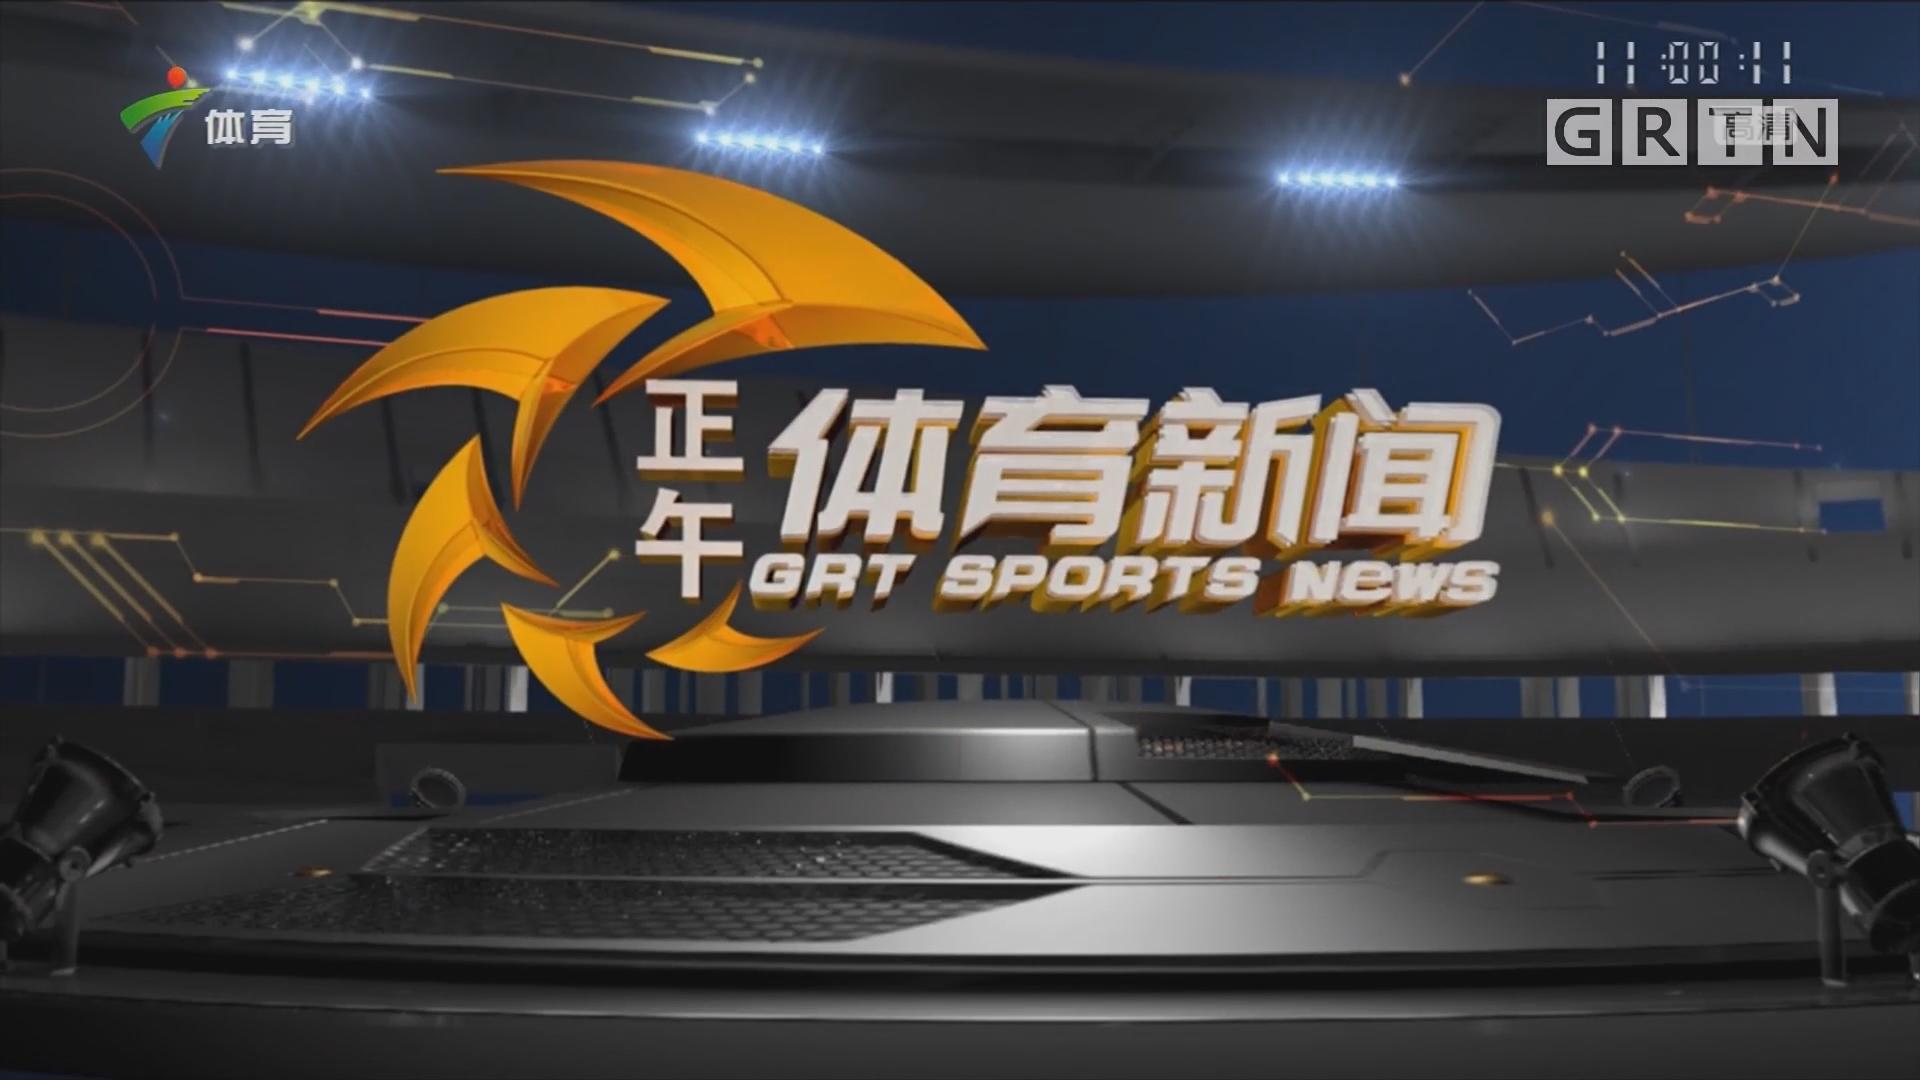 [HD][2018-02-10]正午体育新闻:平昌冬奥会大幕开启 和平主题贯穿始终